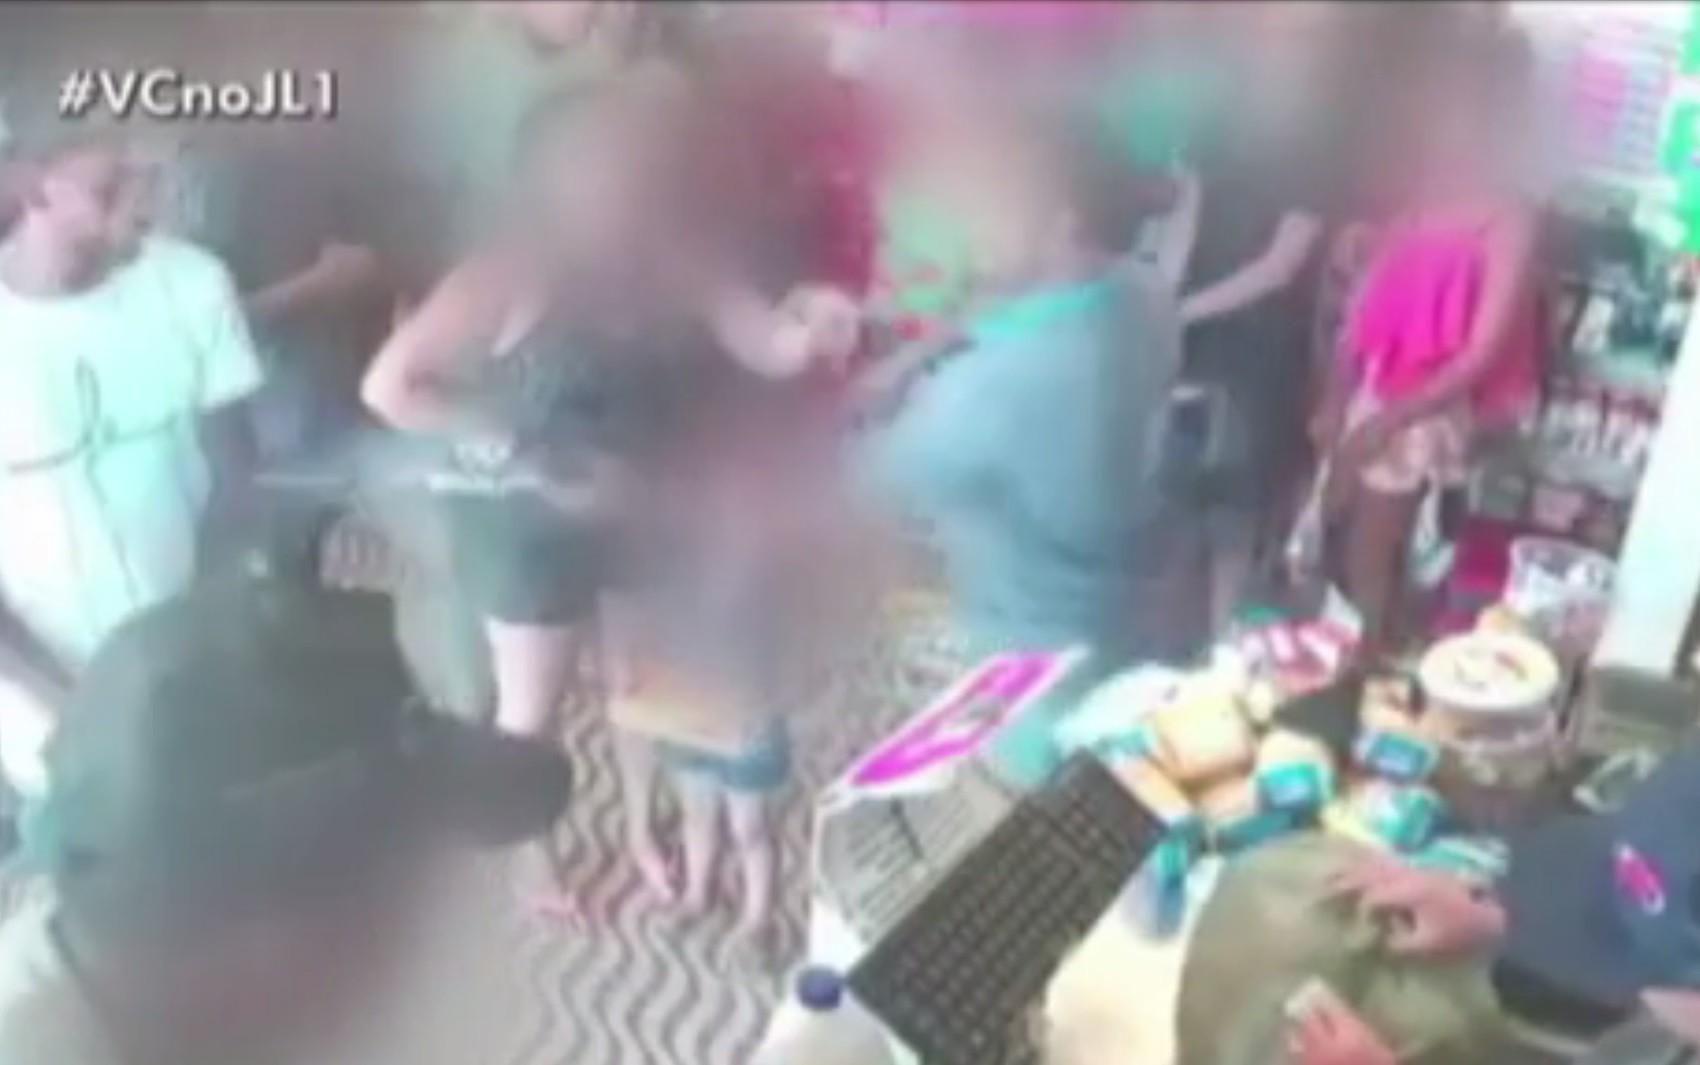 Suspeito de matar homem durante briga em fila de supermercado é preso em Cidade Ocidental - Notícias - Plantão Diário